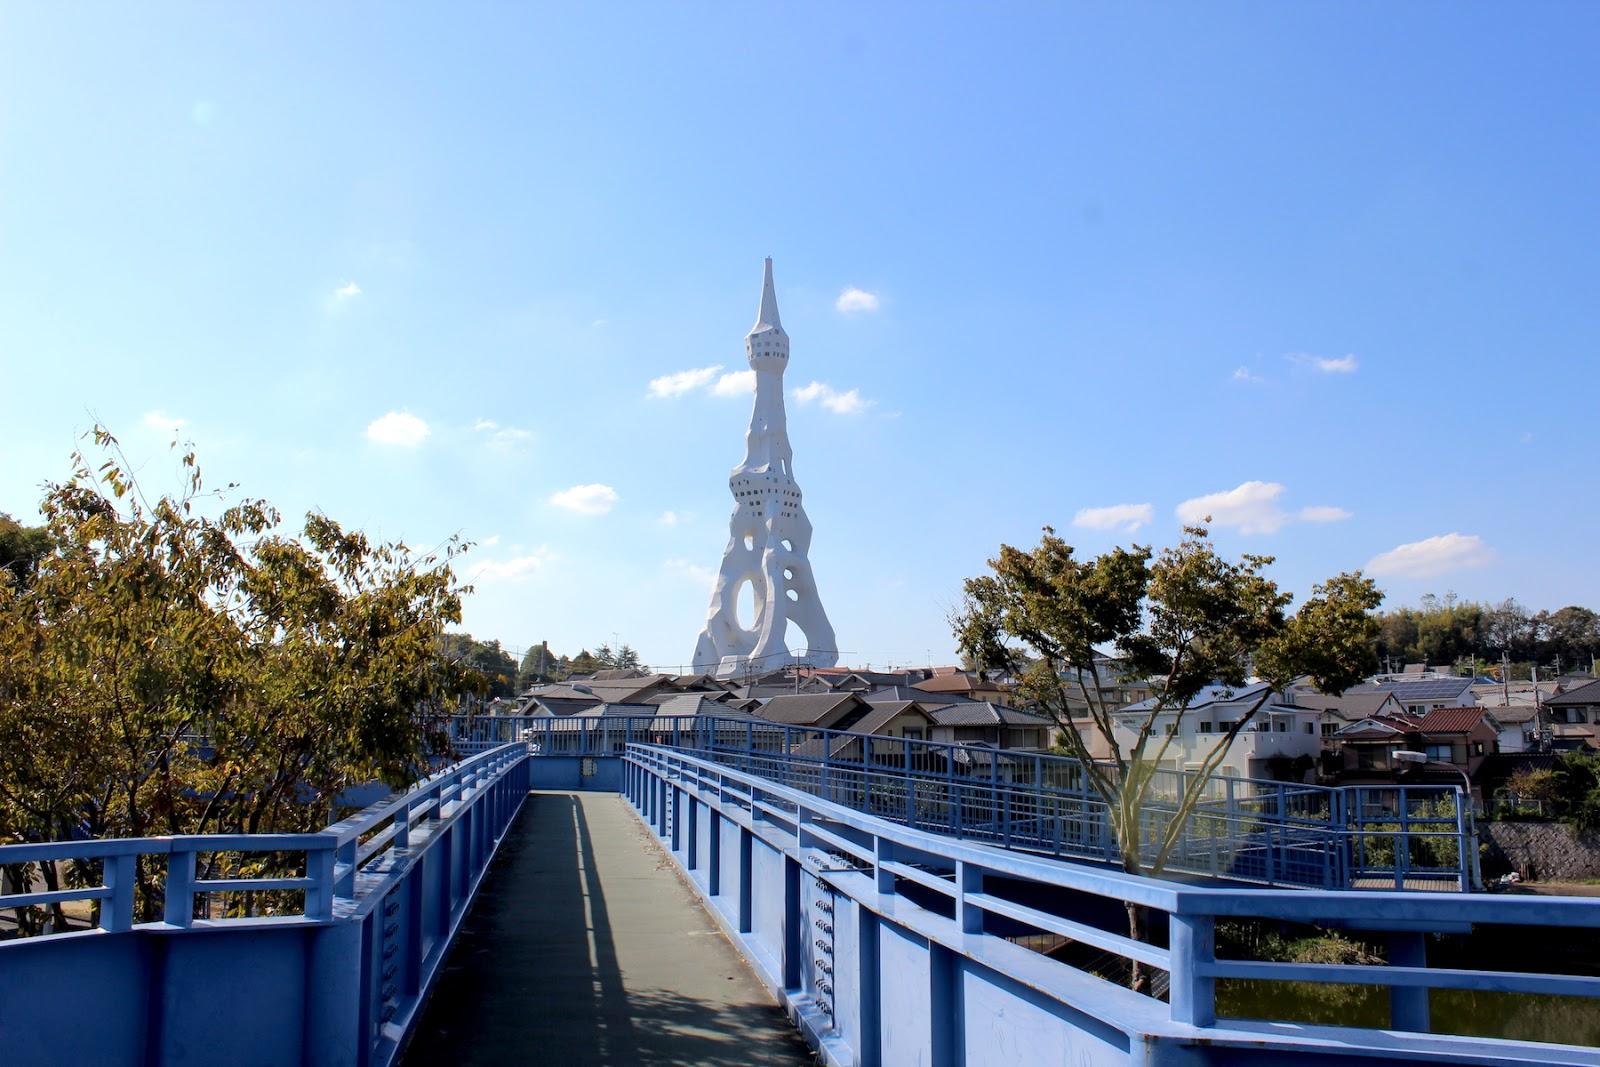 ミライノシテンPL教団の奇妙な塔?まるで宇宙人が飛来したような怪しい塔に行って見た。【c】